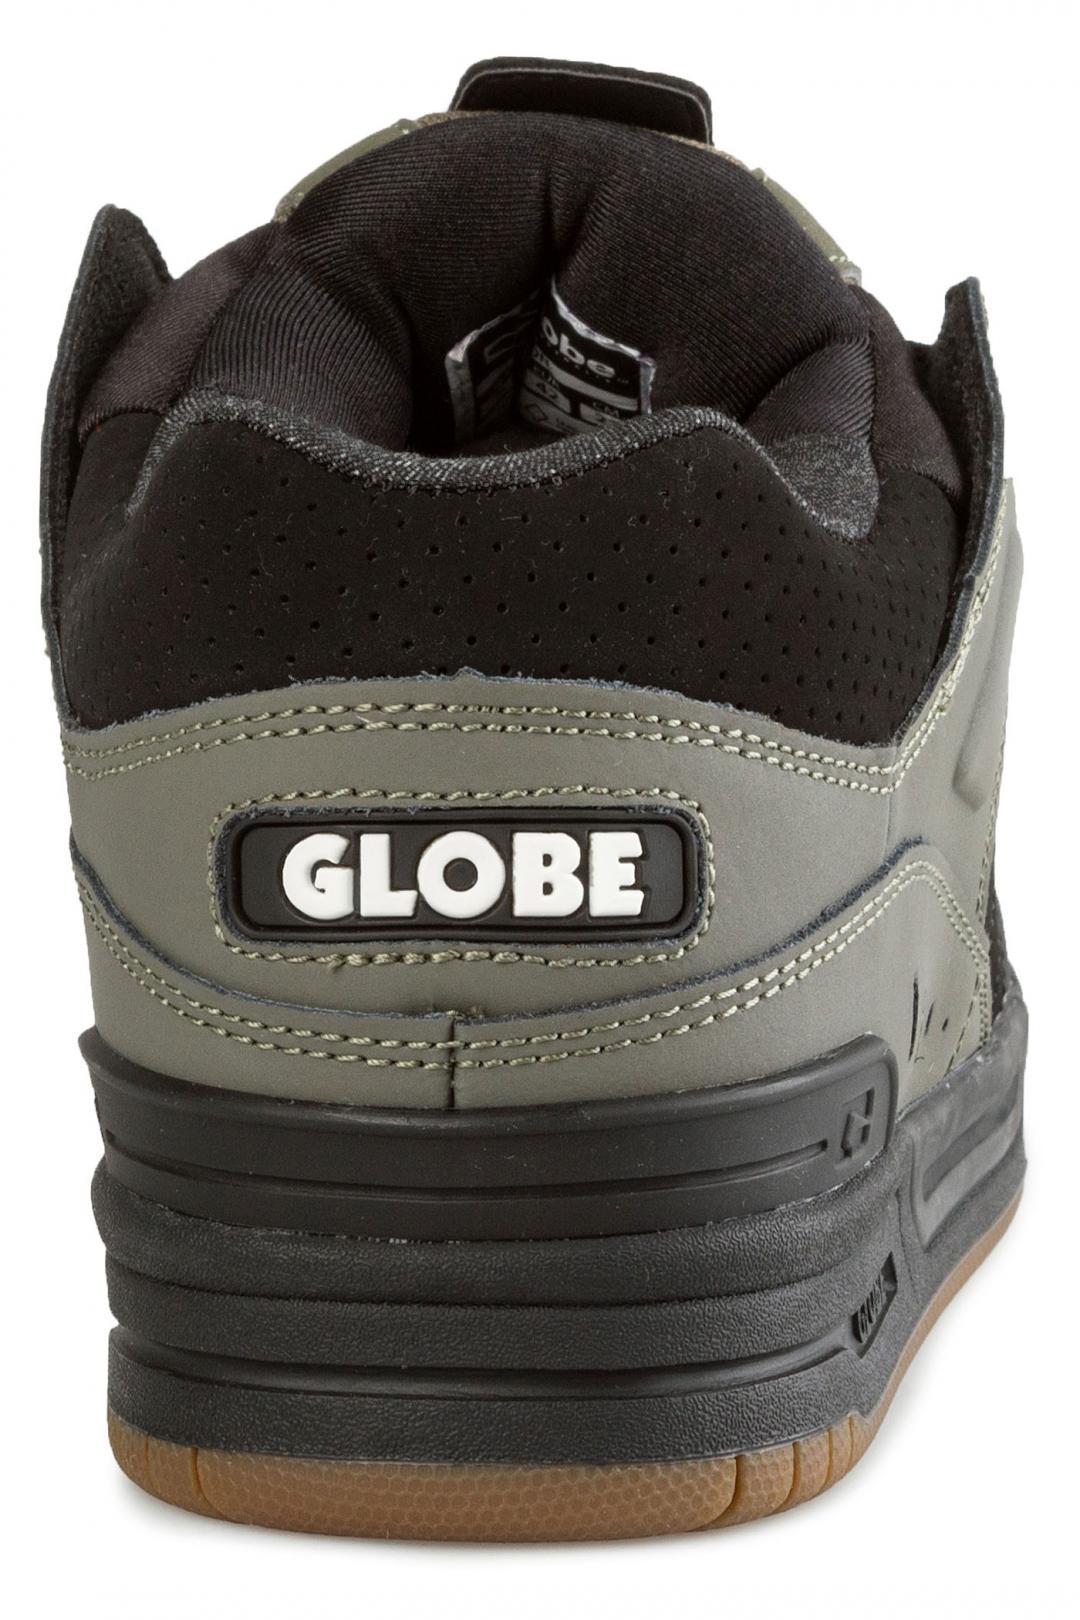 Uomo Globe Fusion dusty olive black   Scarpe da skate